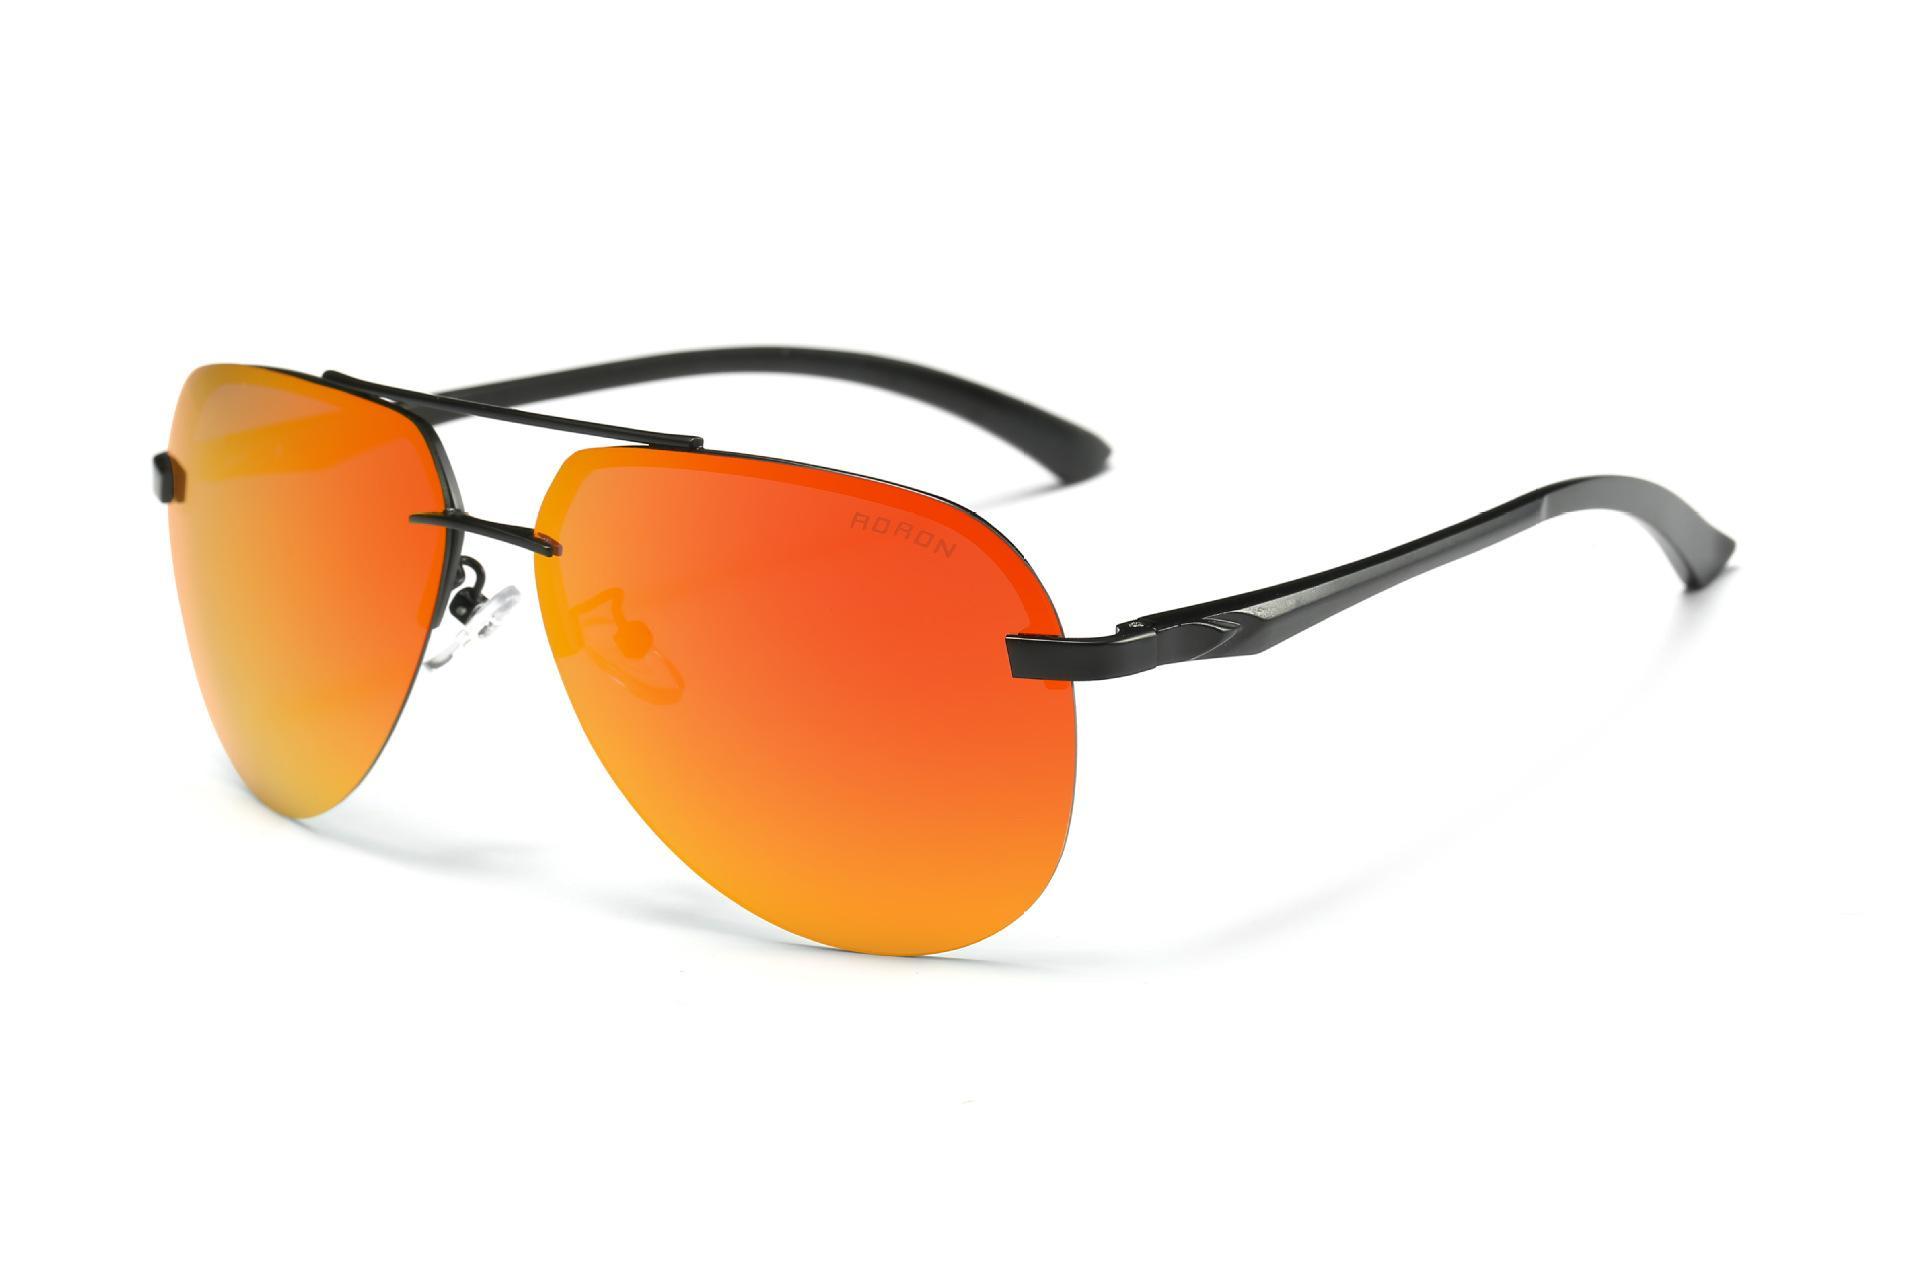 7c7cb23bf0 2019 Premium Military Style Classic Aviator Sunglasses